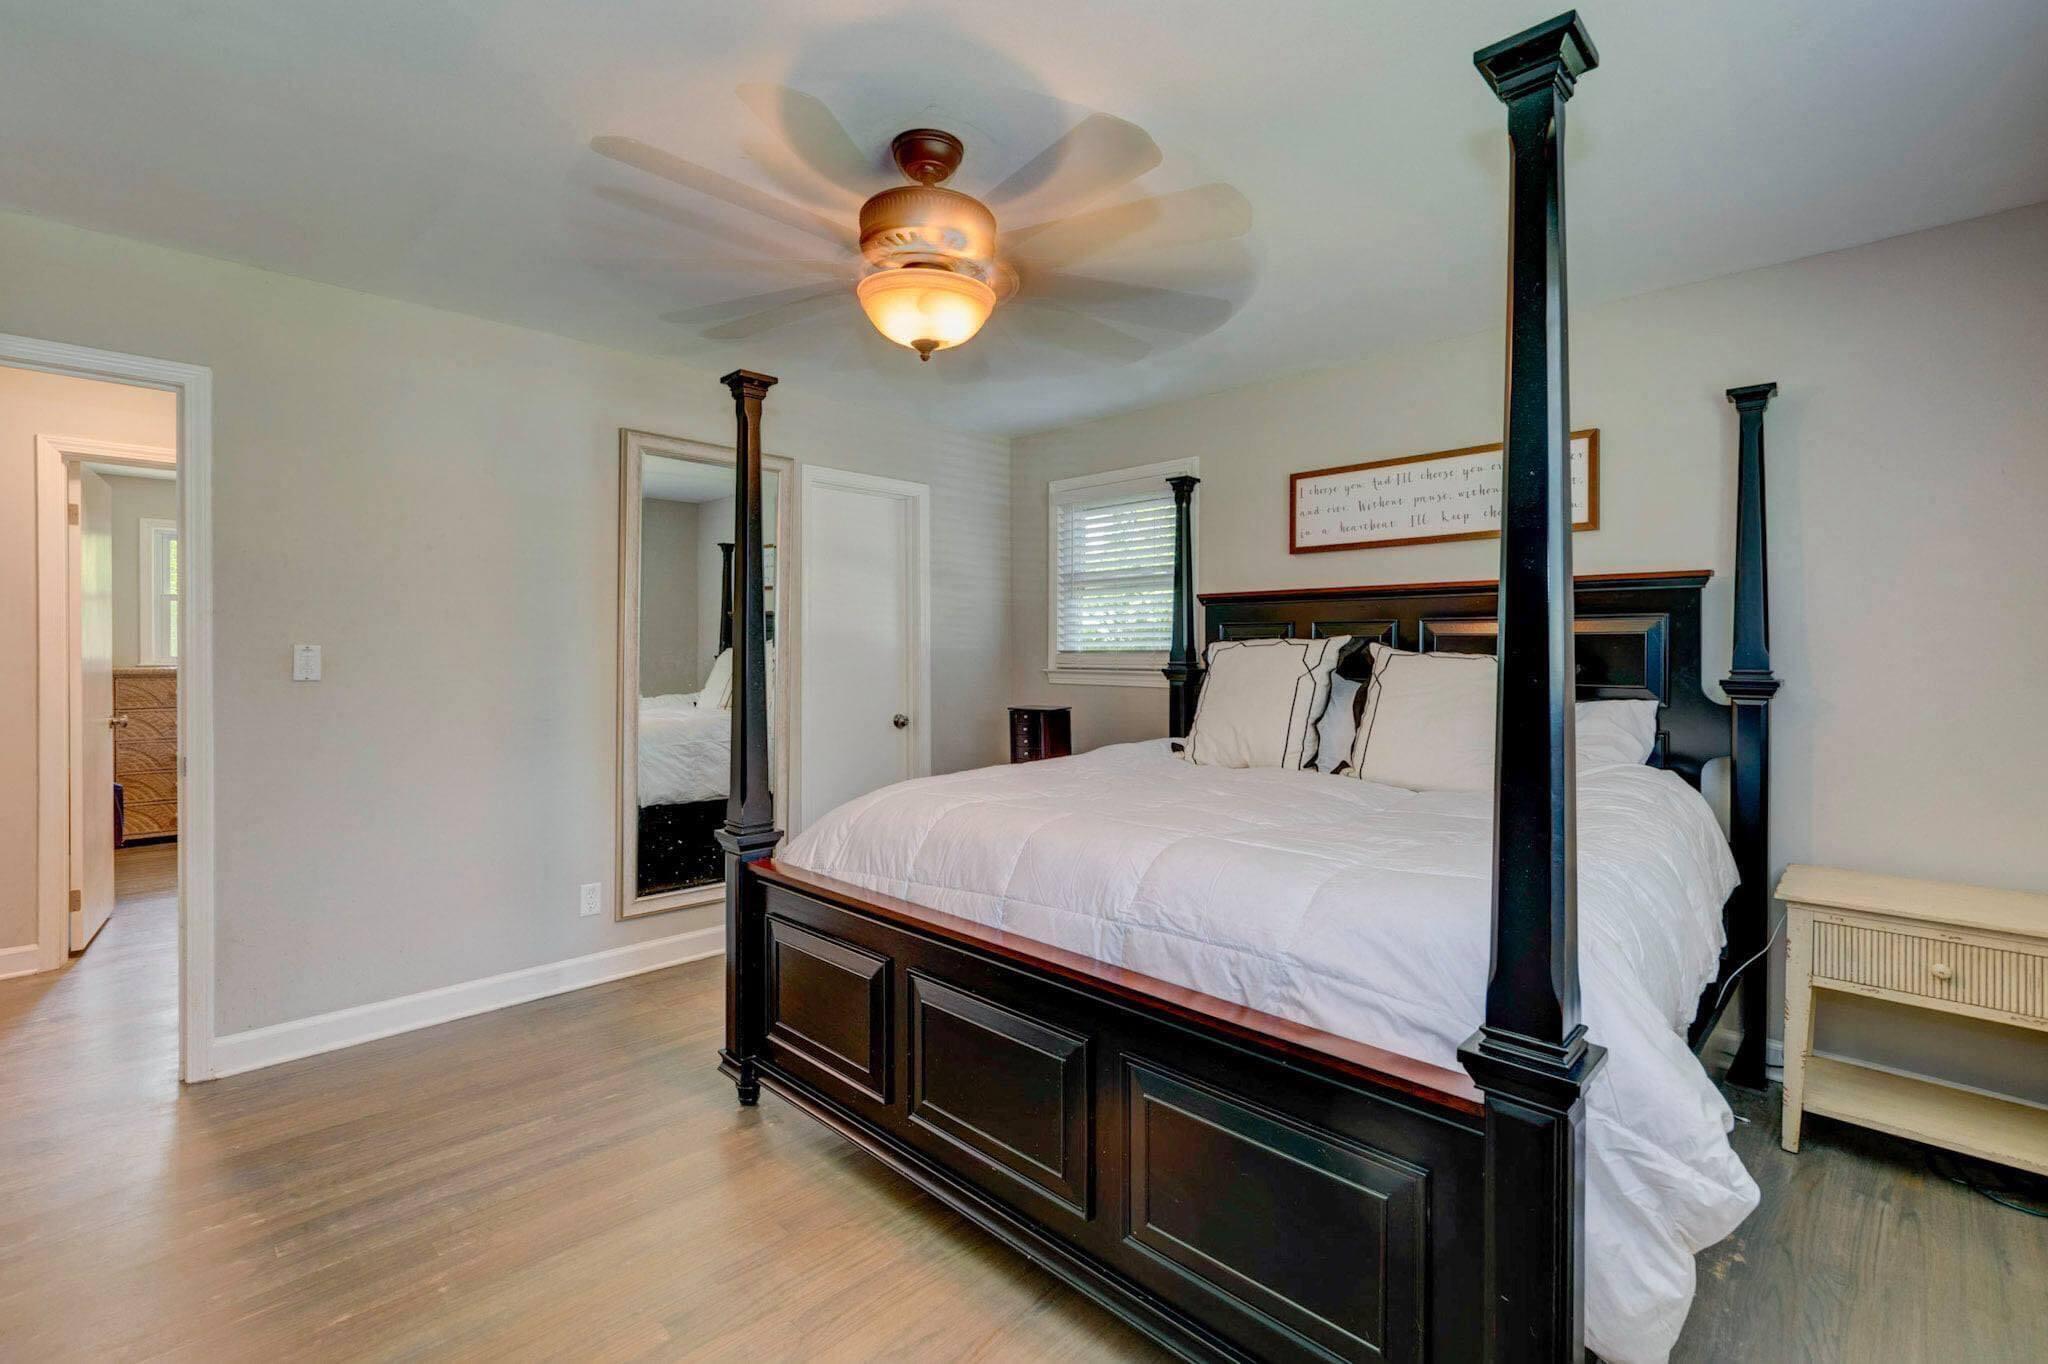 Clarks Point Homes For Sale - 1257 Julian Clark, Charleston, SC - 4